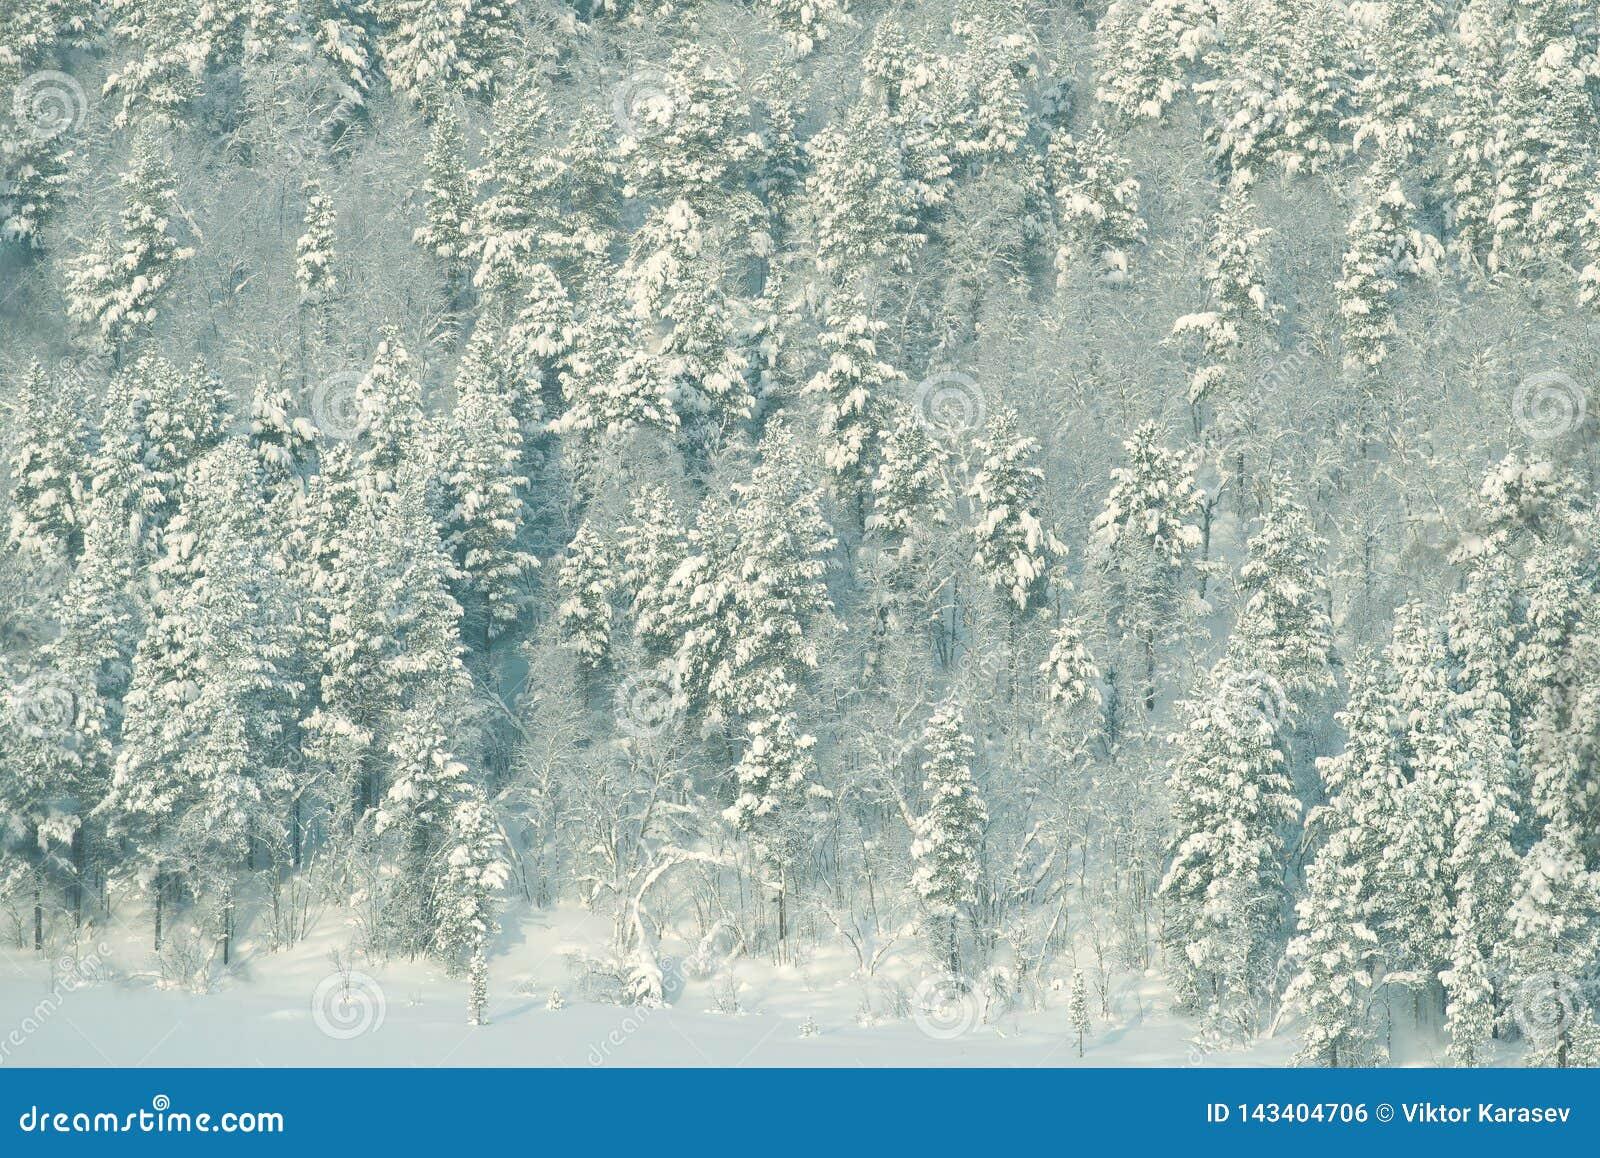 Hoek van een polair snow-covered bosgebied van Moermansk, Rusland